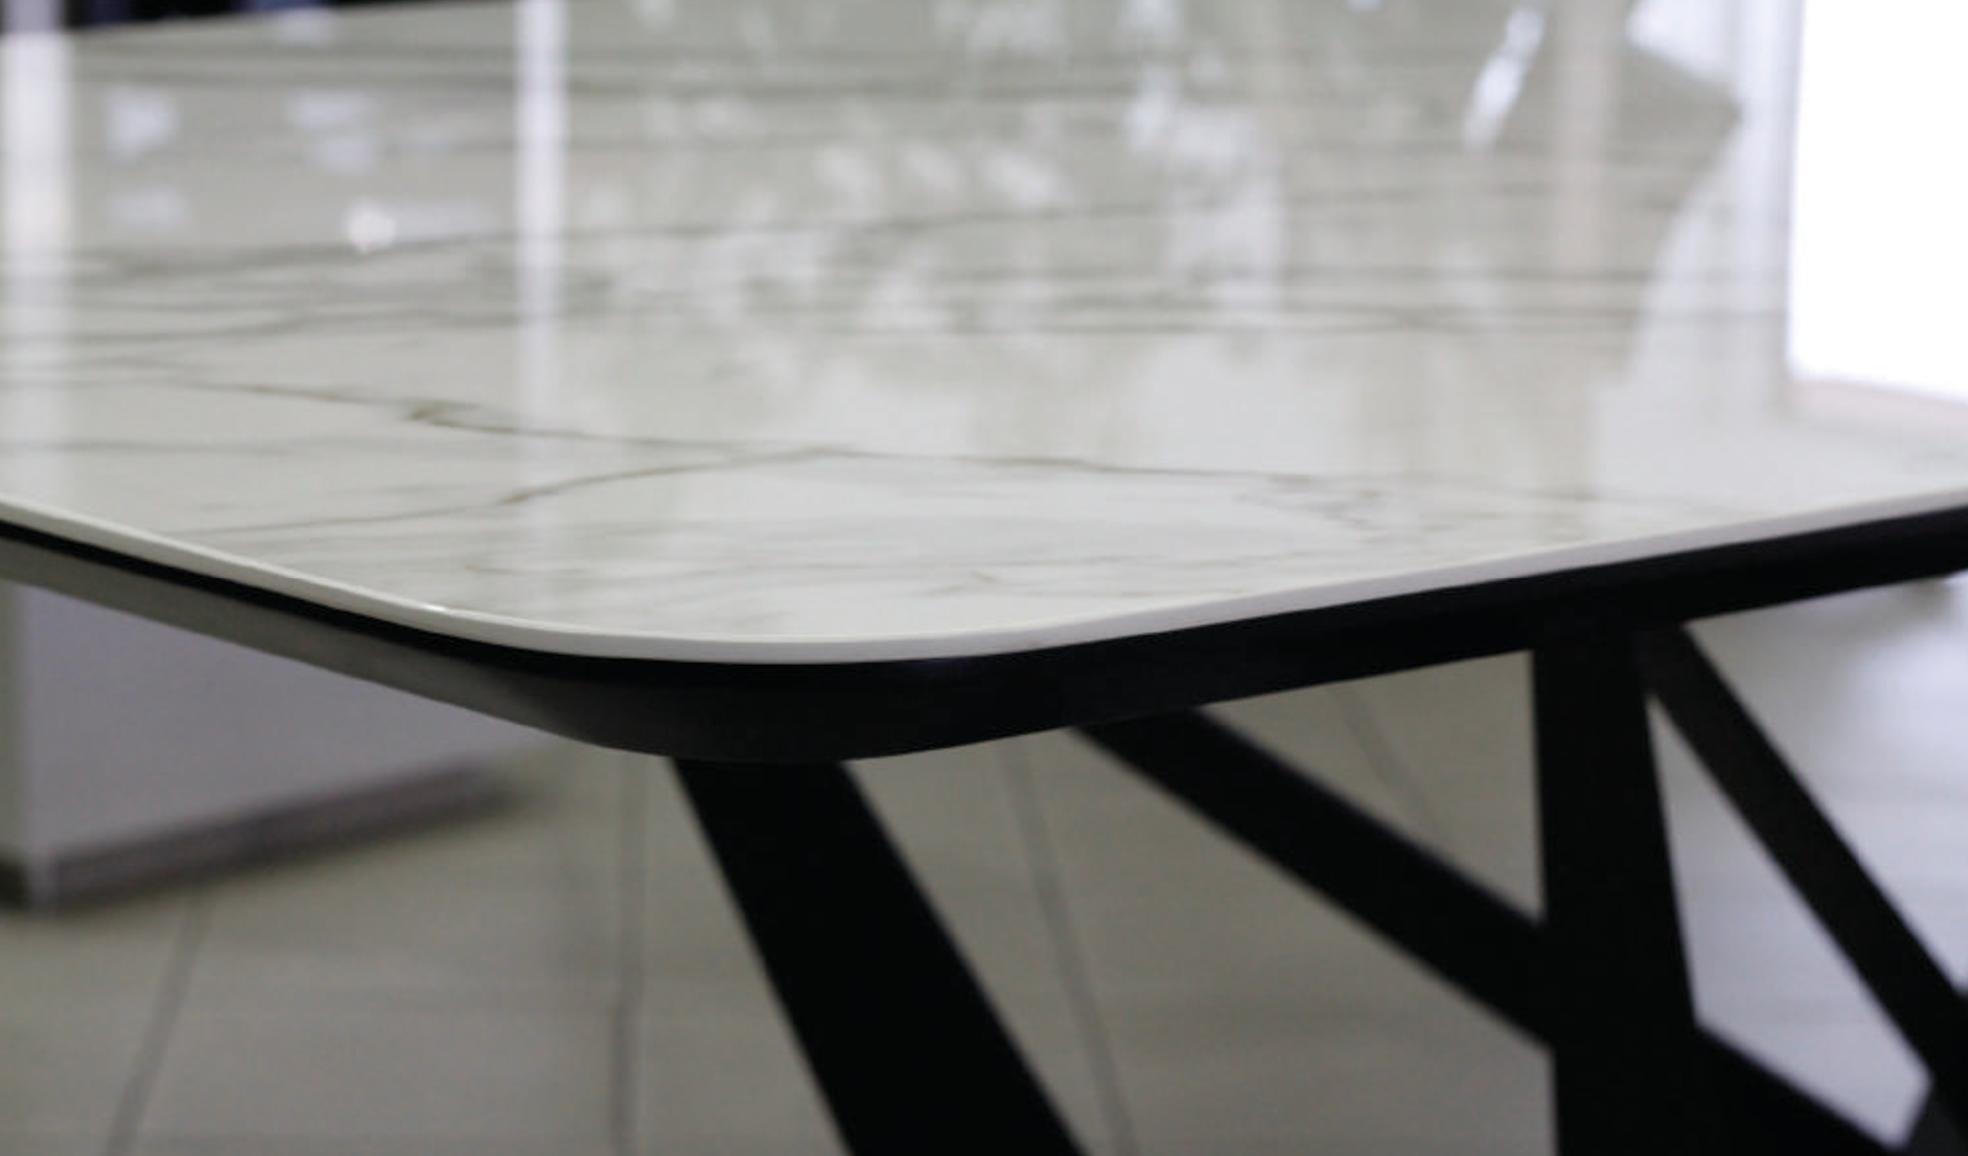 Mặt bàn ăn sử dụng acrylic chống xước 6h